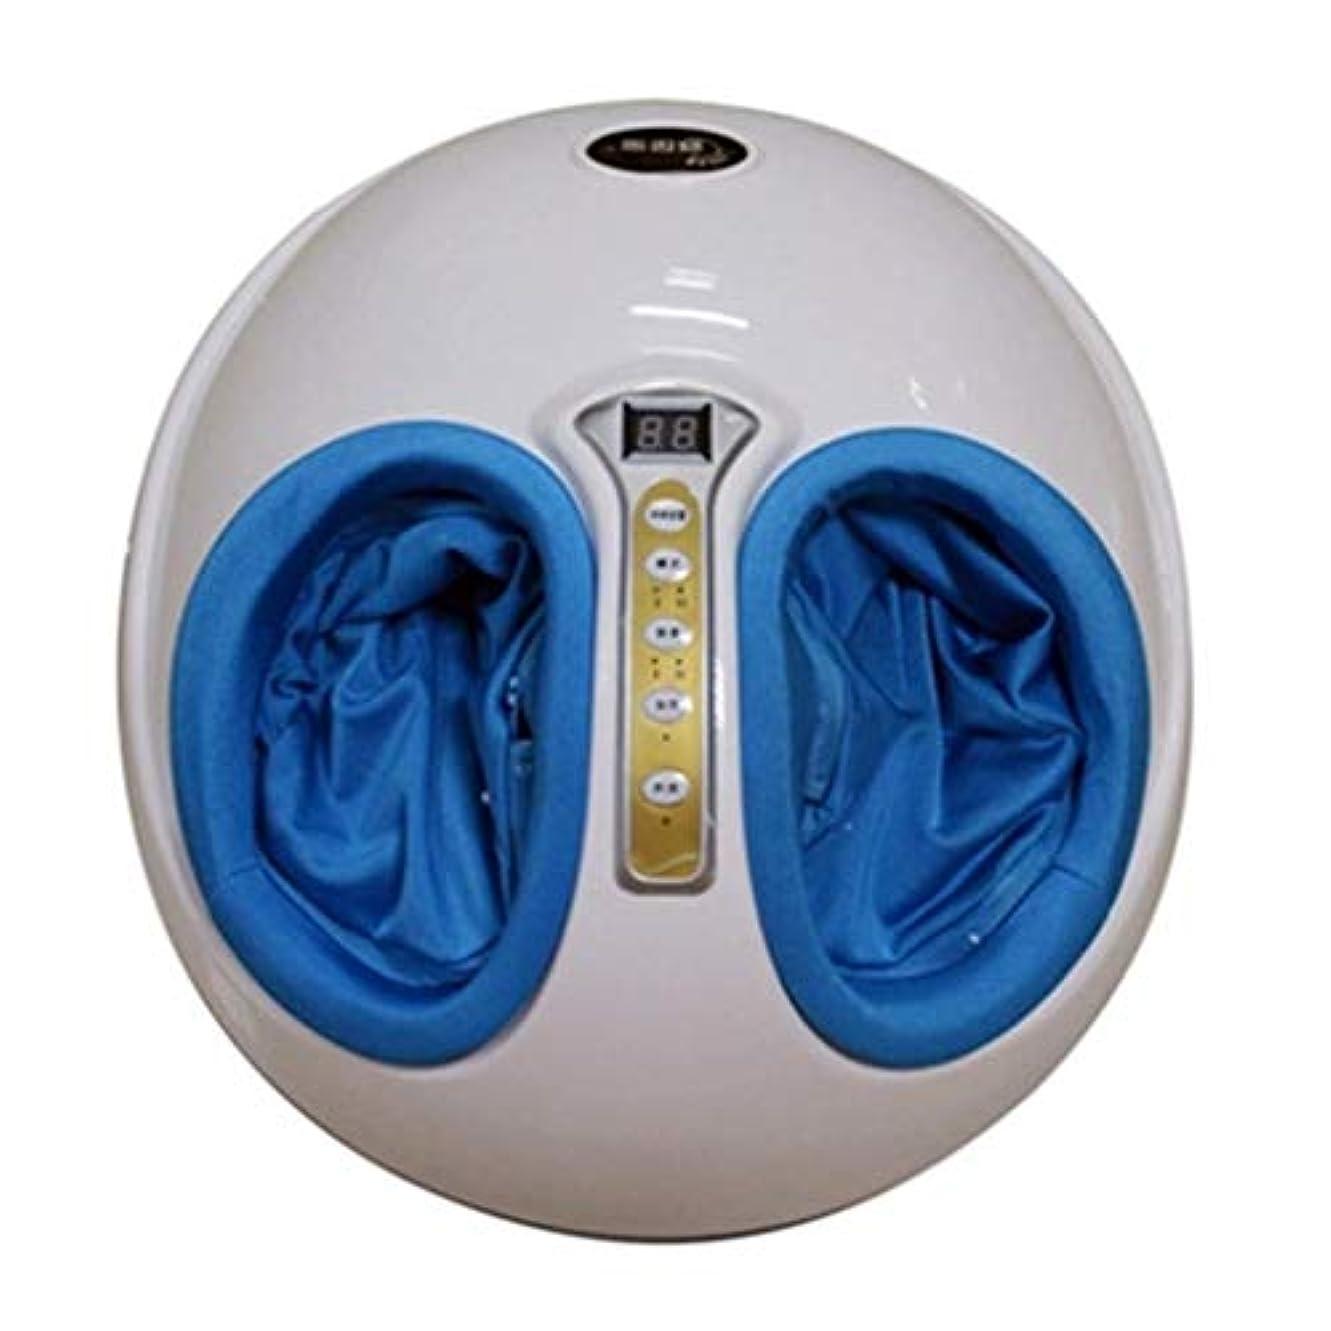 そこからリークラメフットマッサージャー、電動マッサージャー、3D指圧Pressureみマッサージ/加熱、赤外線フットケアマシン、減圧とリラクゼーション療法、痛みを和らげ、血液循環を促進